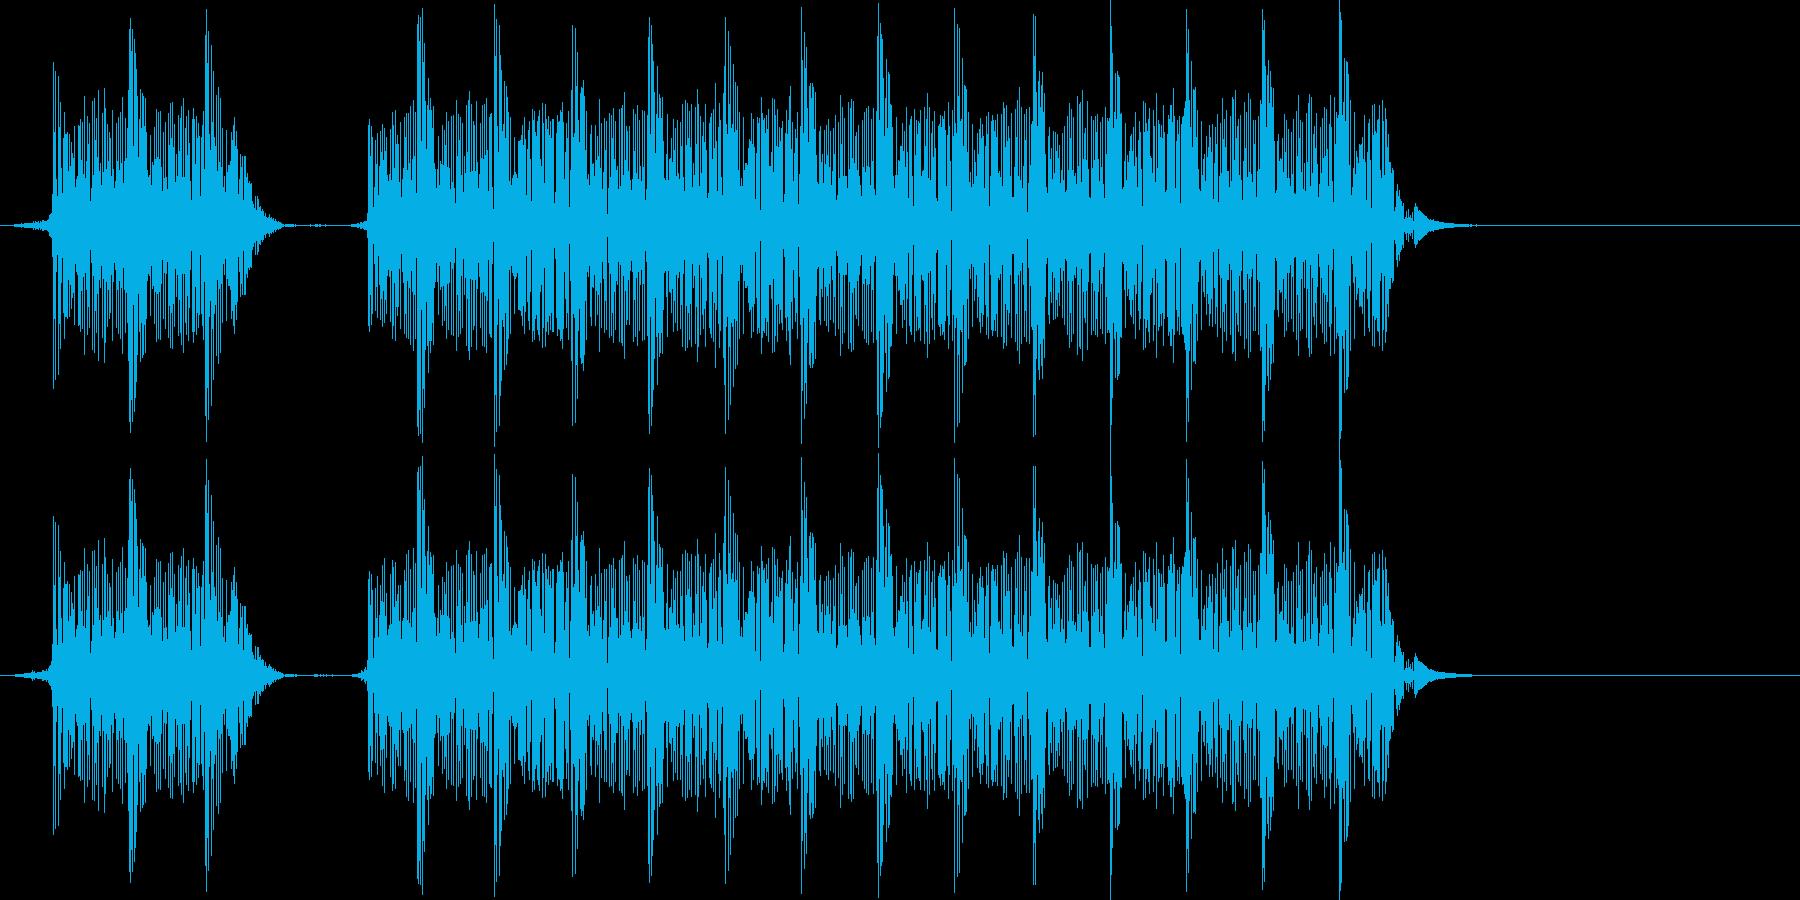 不正解音 警告音の再生済みの波形